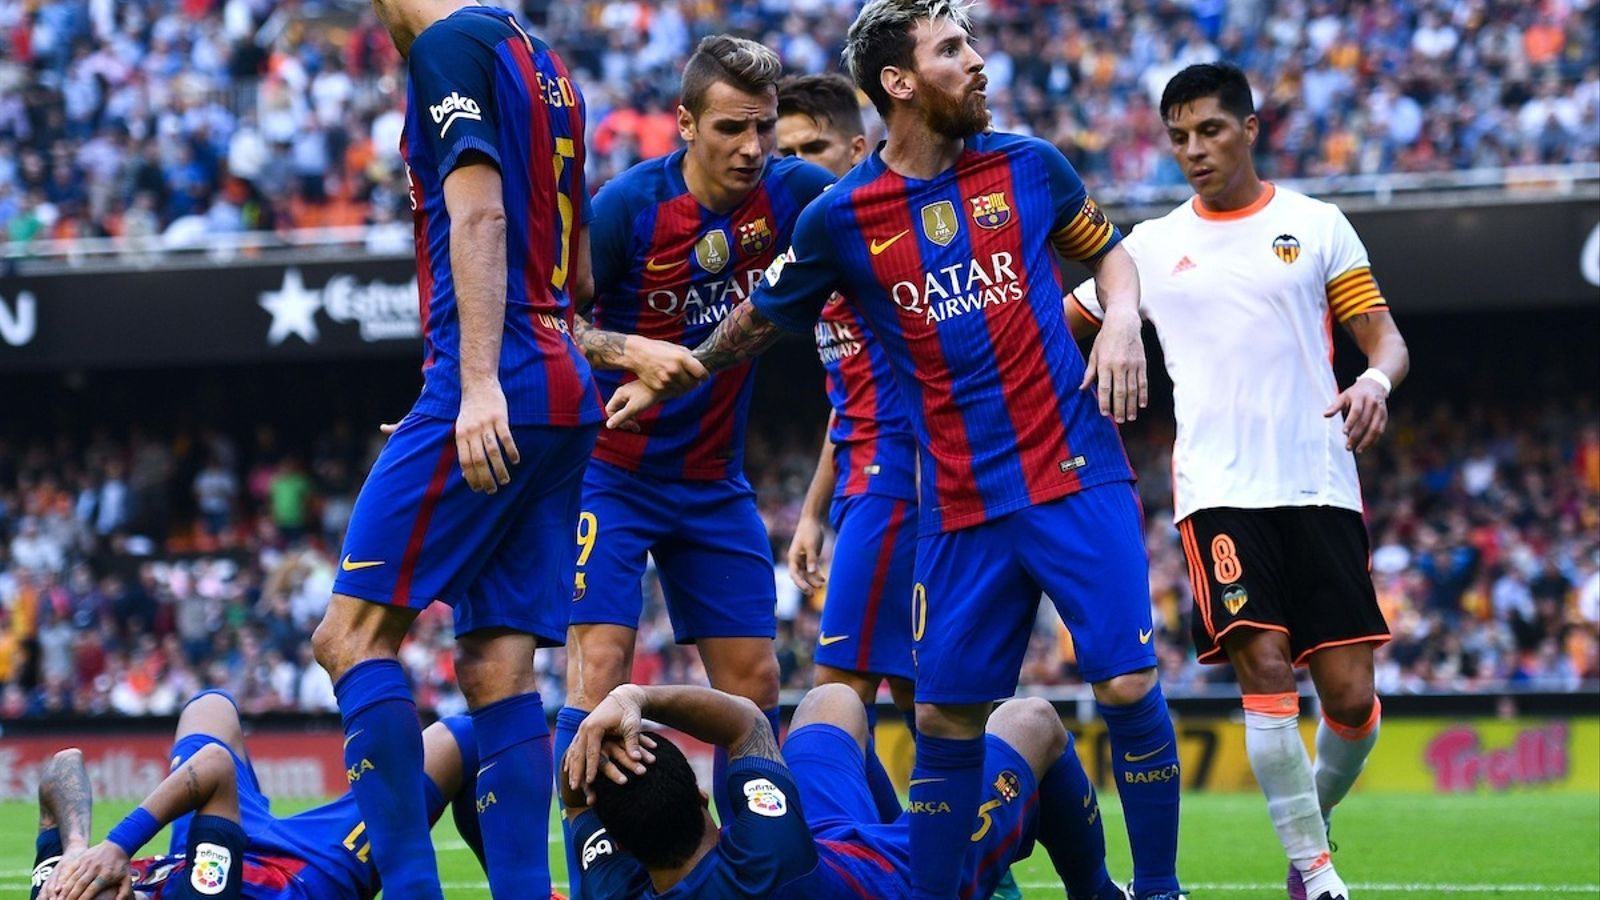 Messi encarant-se al públic després de l'impacte d'una ampolla d'aigua en Neymar